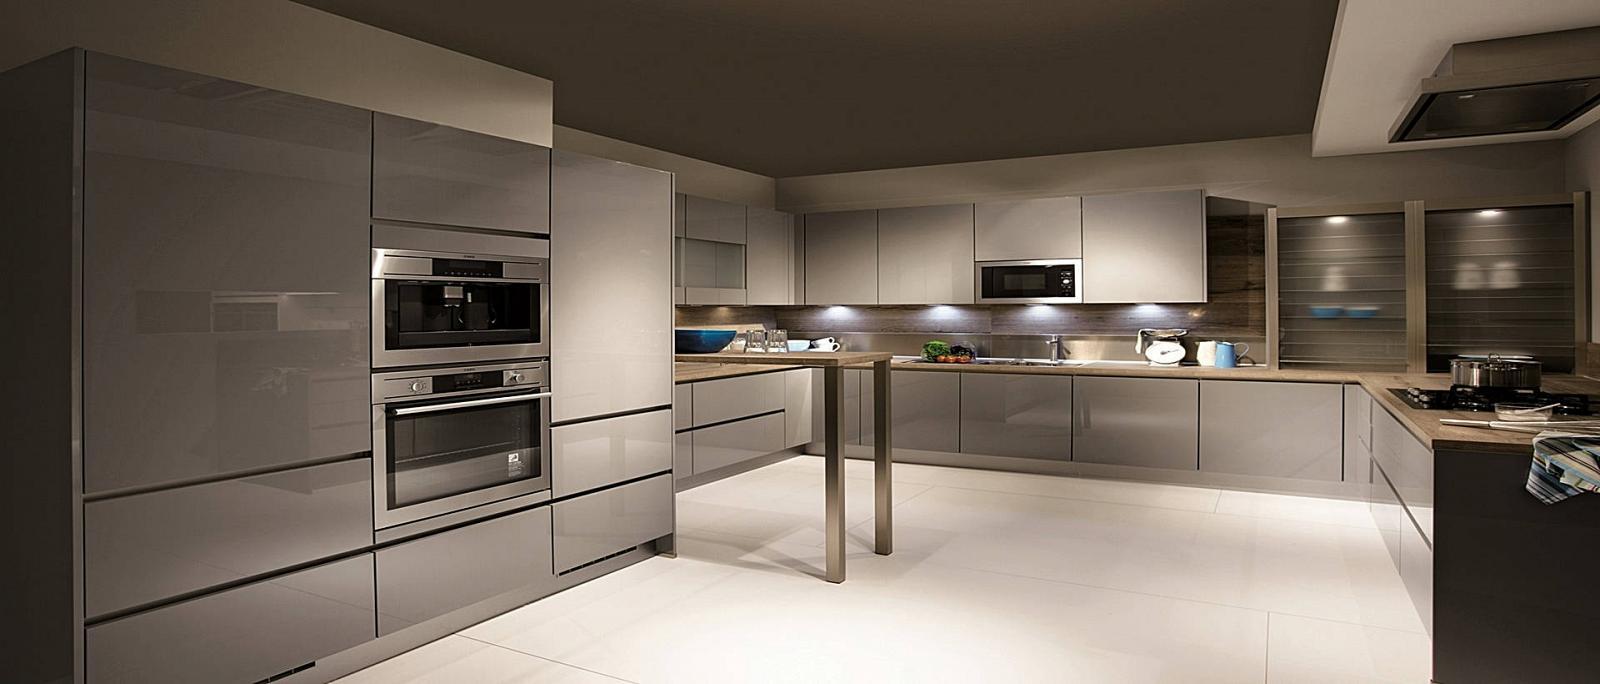 Exklusive küchen abverkauf  Abverkauf: Ausstellungsküchen / Musterküchen - aus Kleve & Sonsbeck